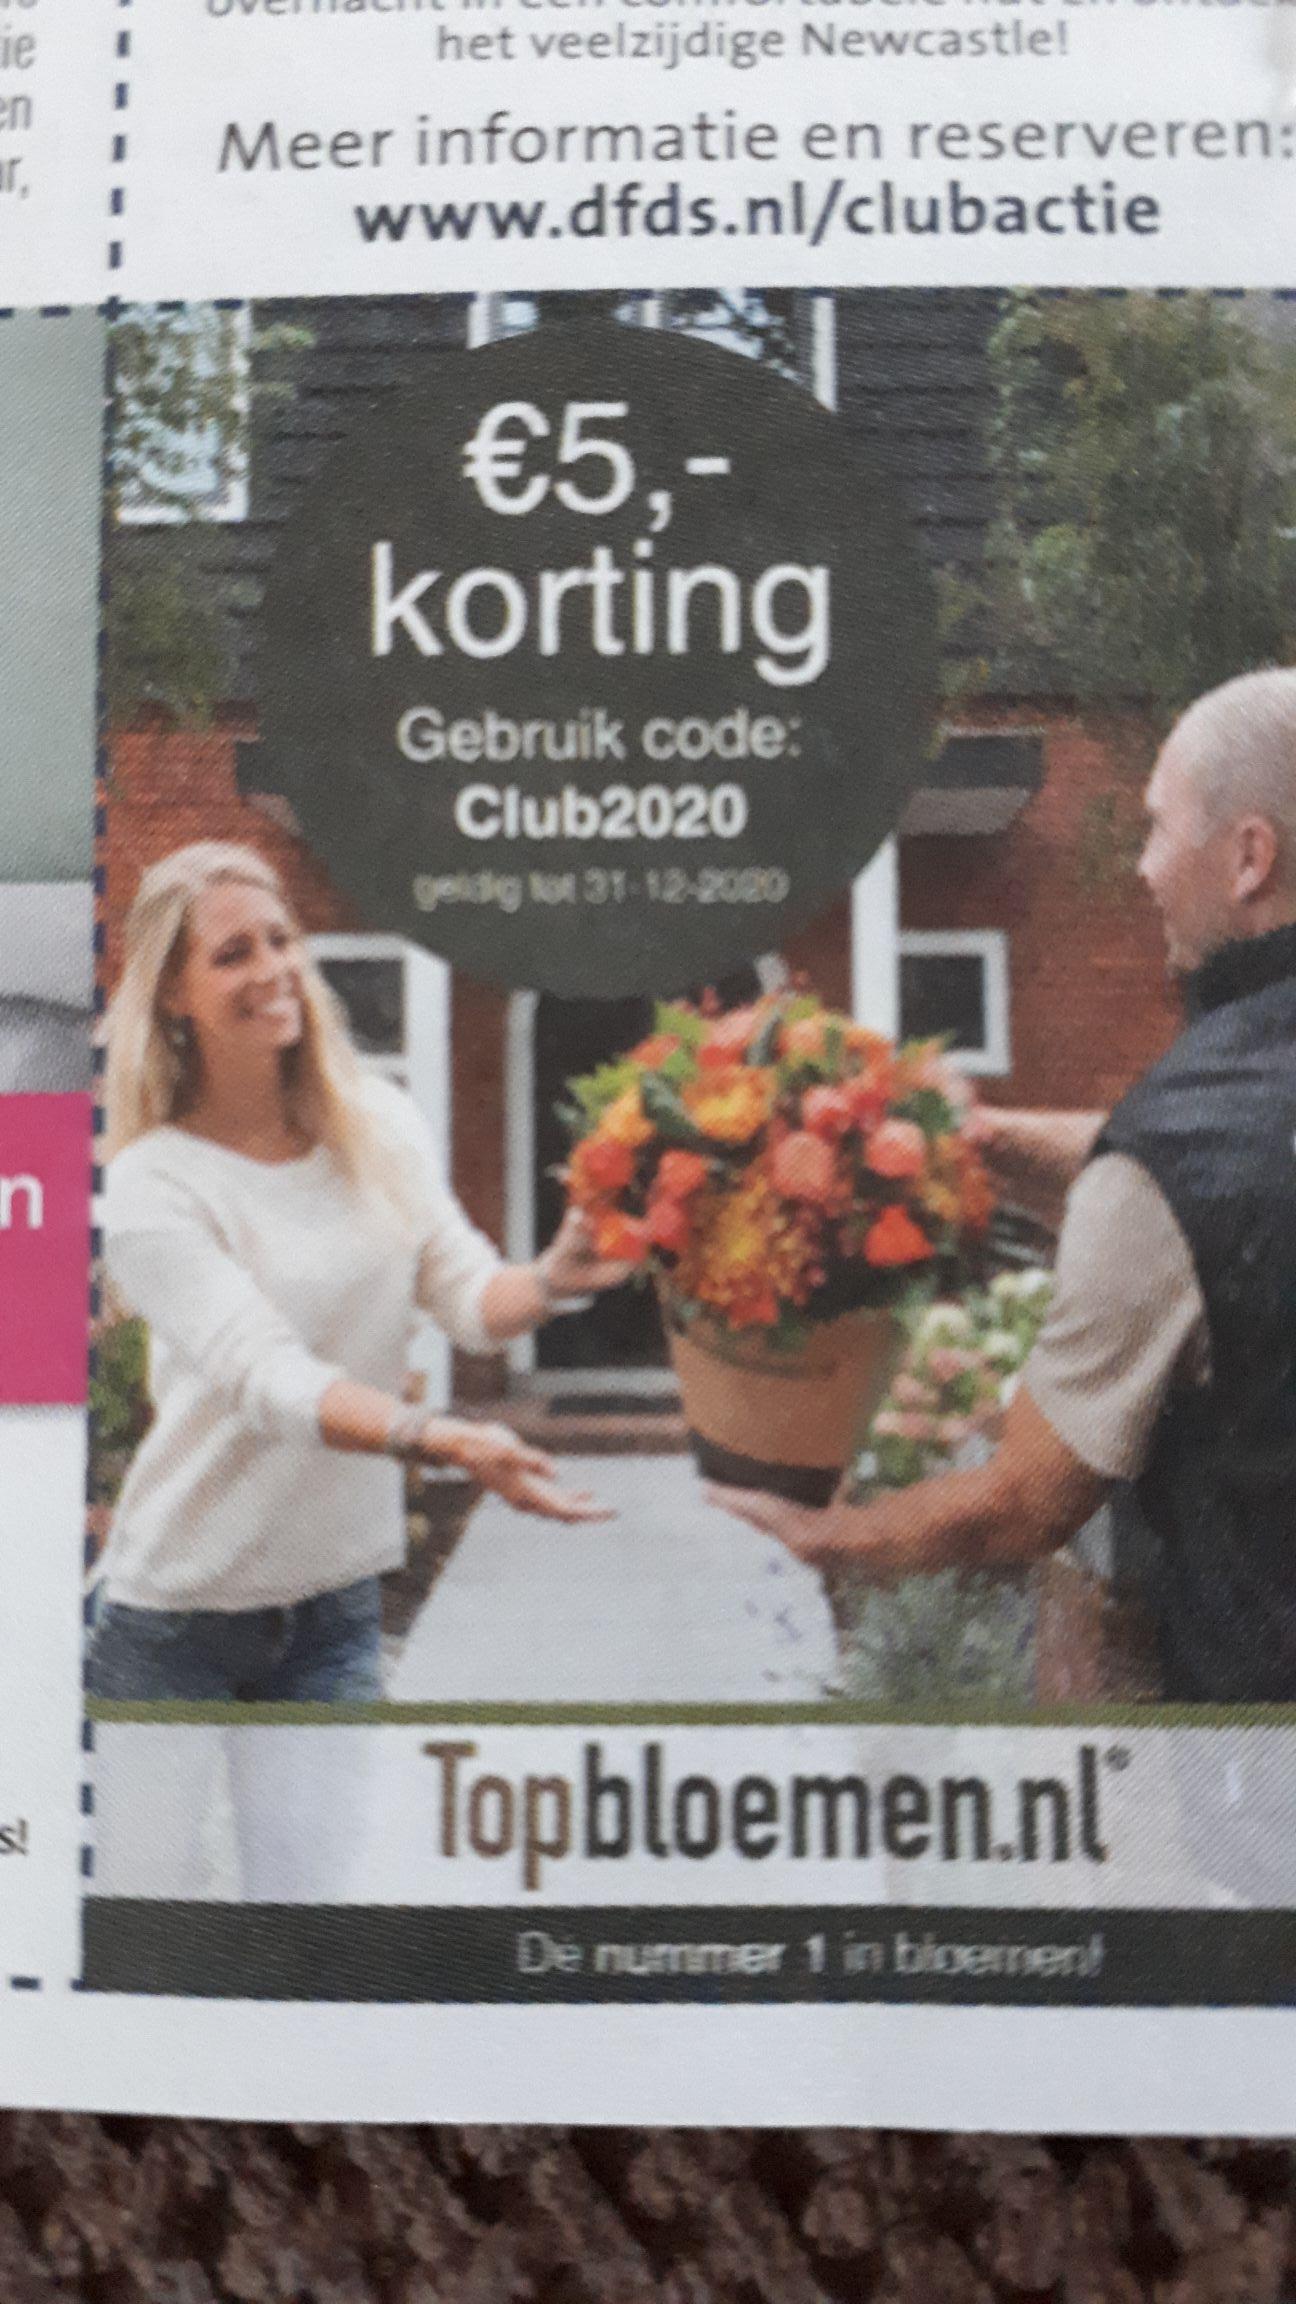 5 euro korting op Topbloemen.nl